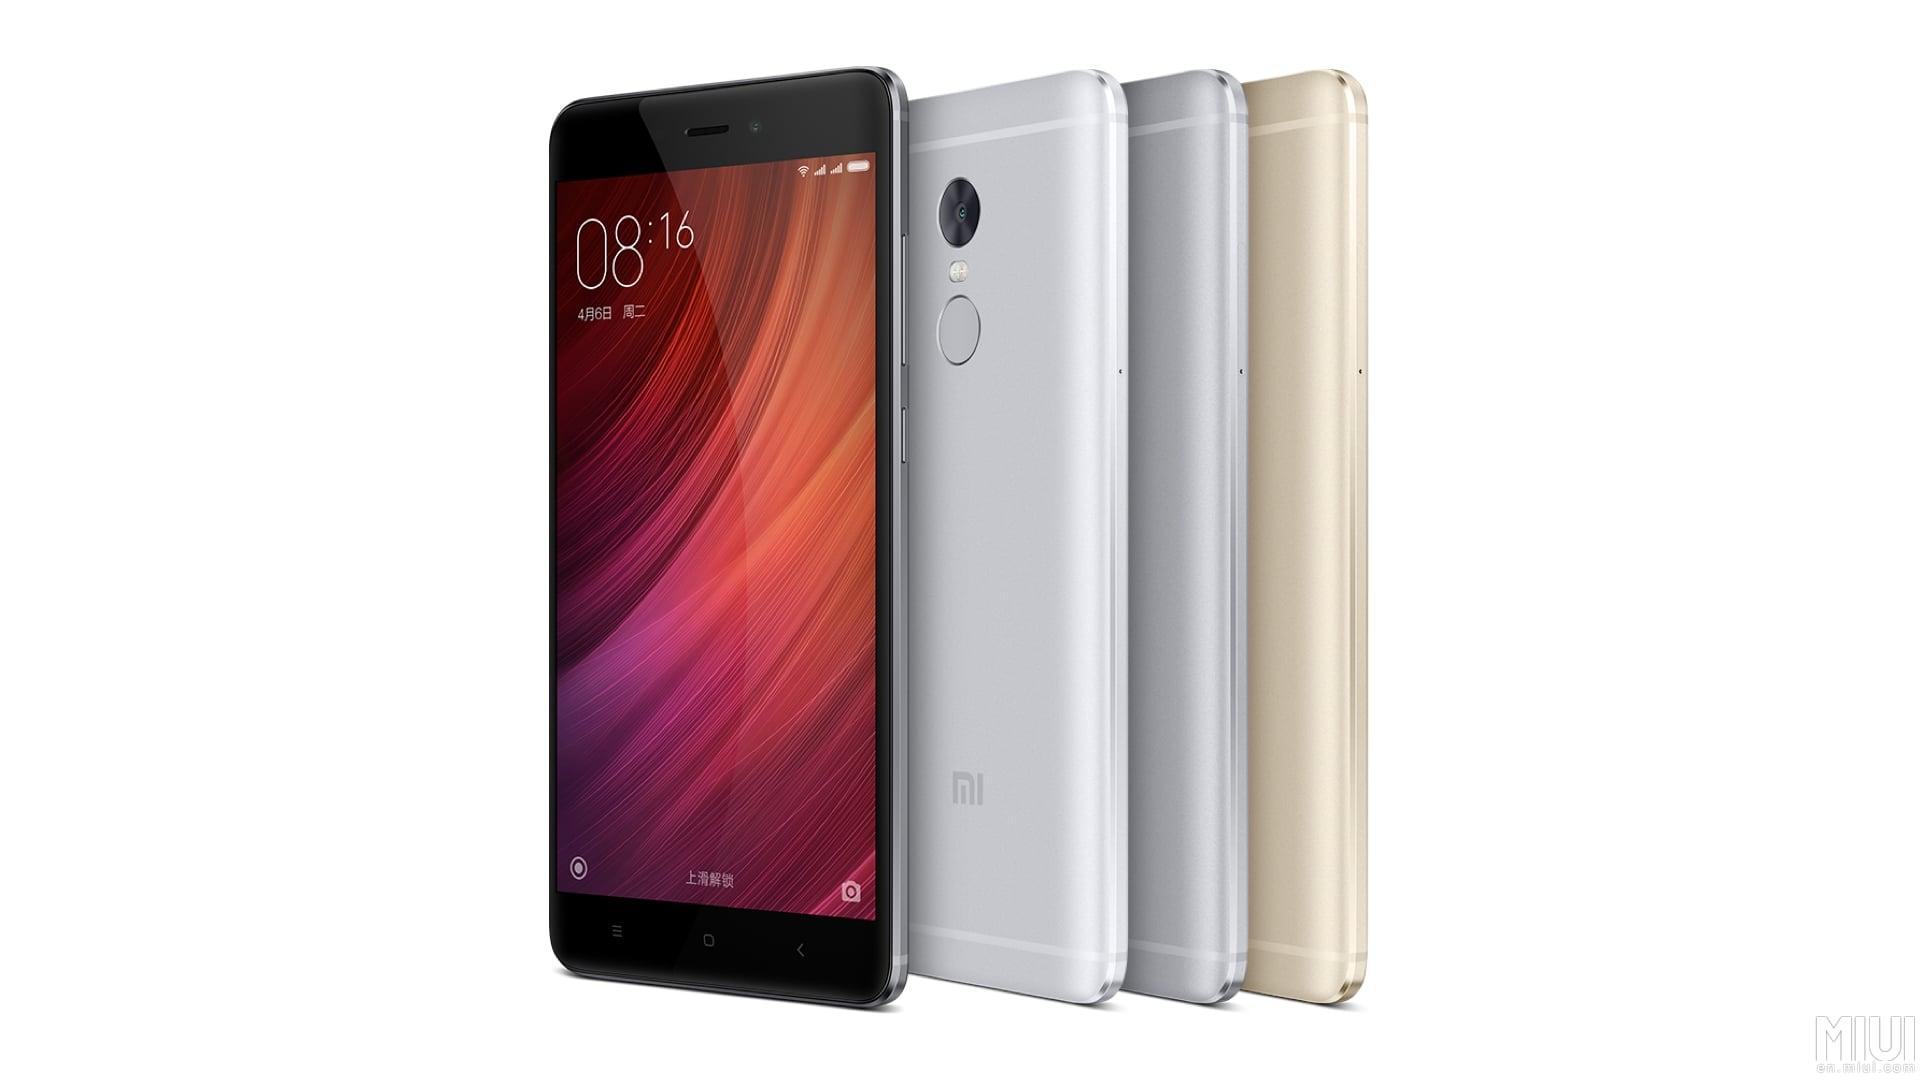 Tabletowo Xiaomi Redmi Note 4 oficjalnie 10 rdzeni i ponad 2 miliony pikseli